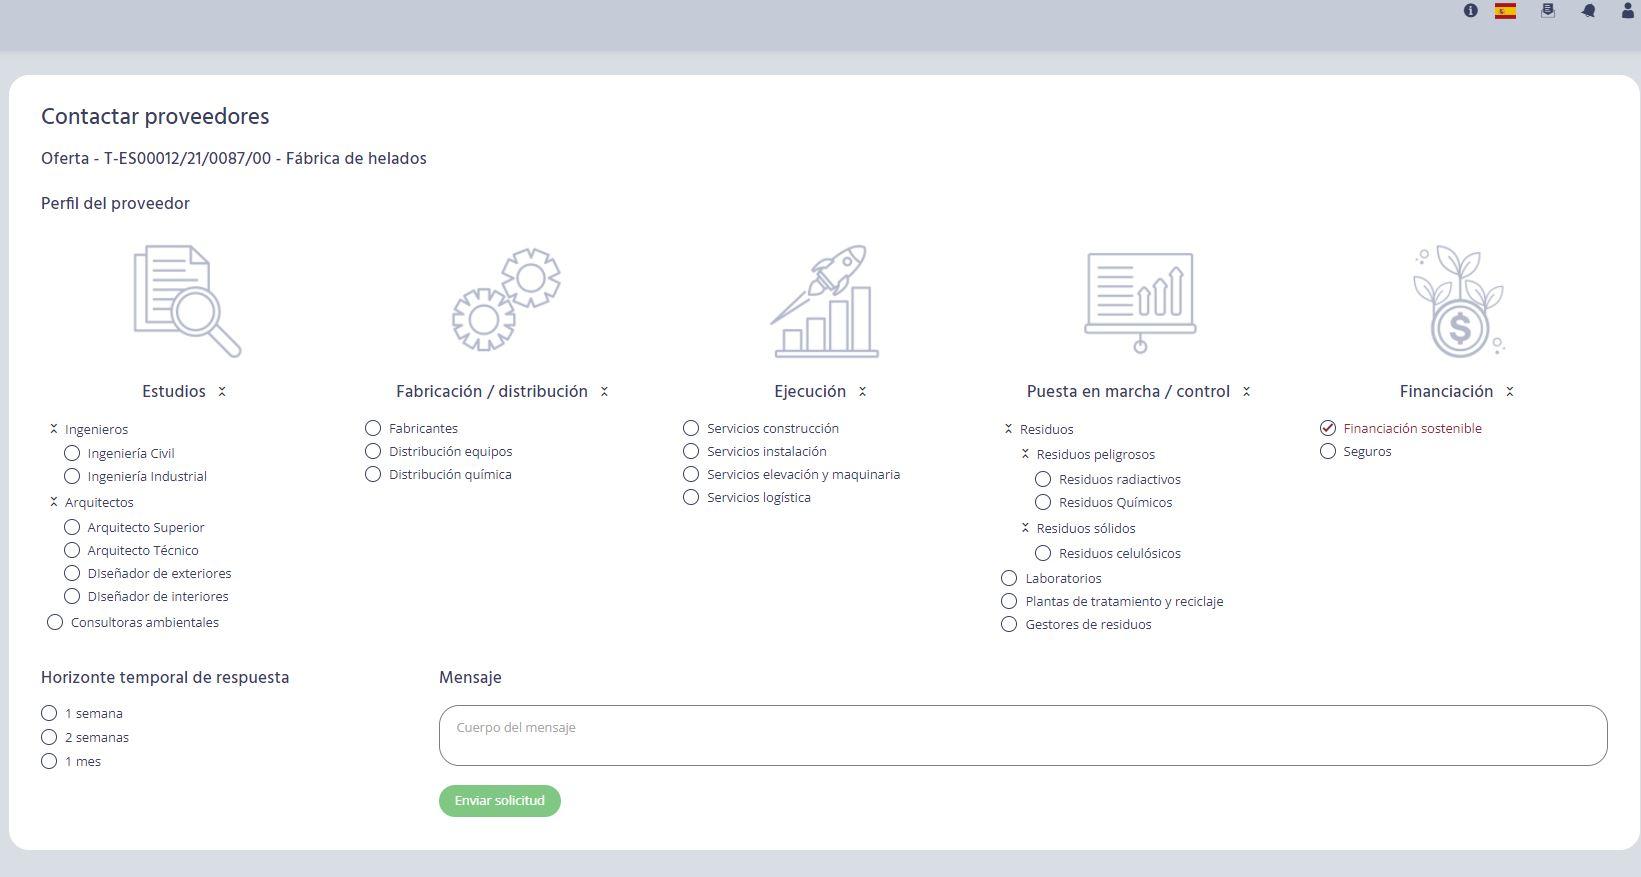 TOR_plataforma web de soluciones sostenibles